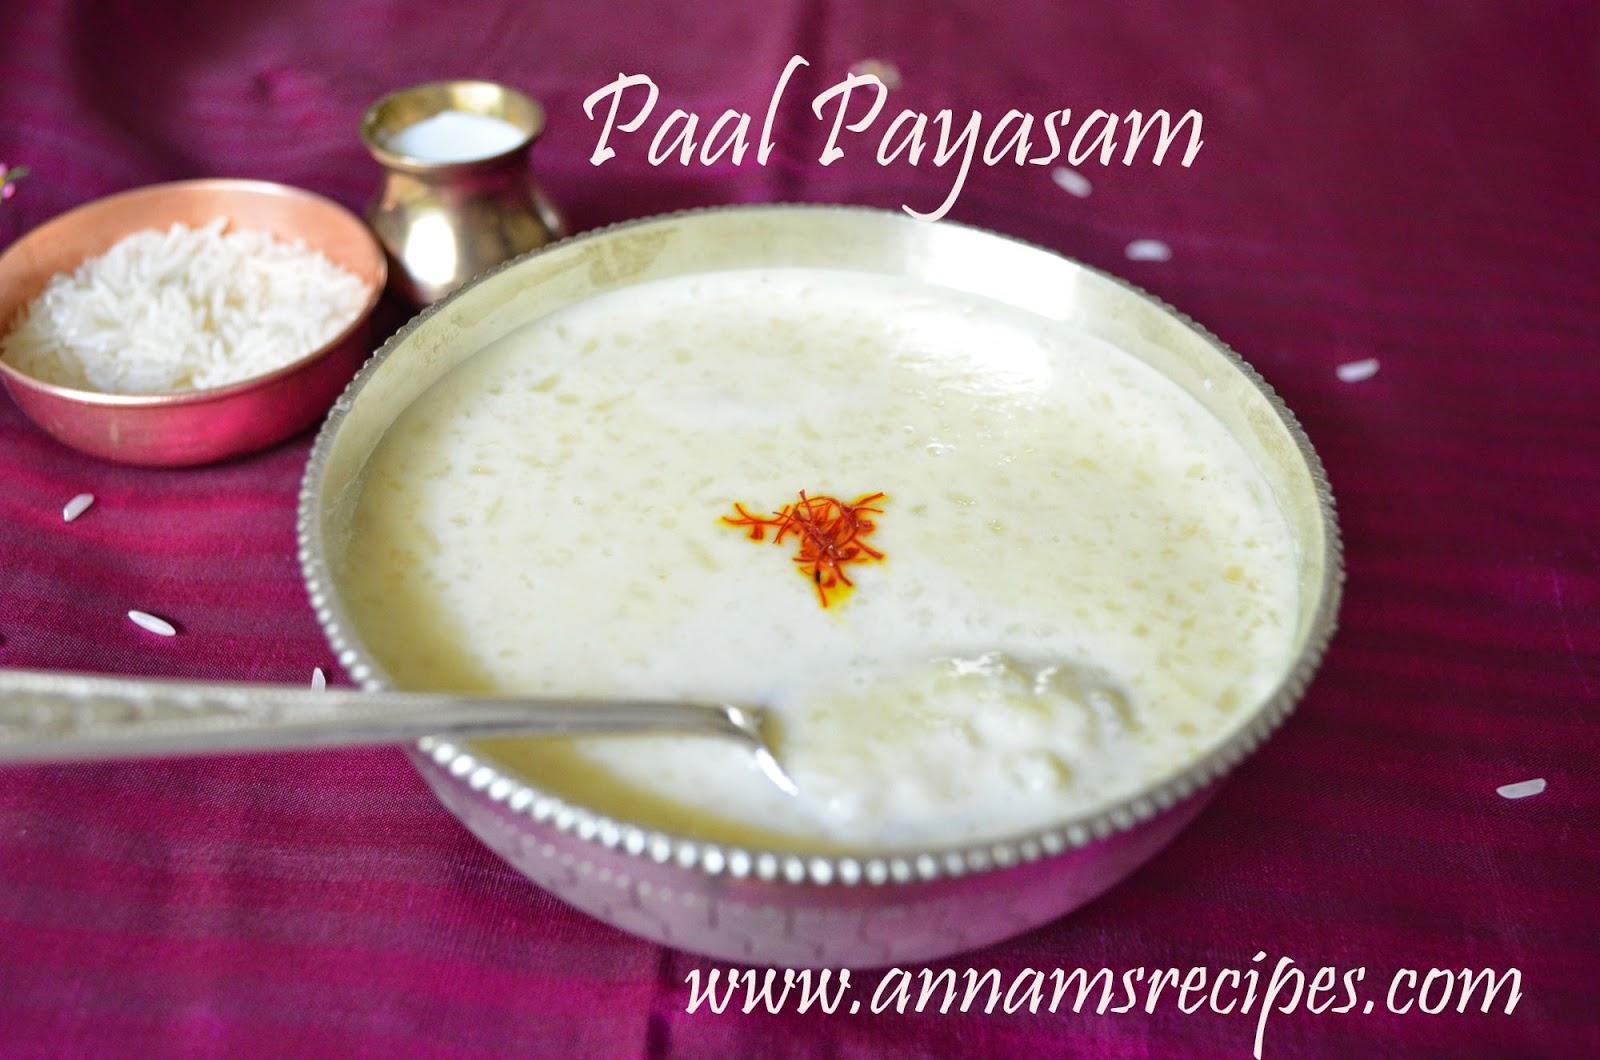 Paal Payasam